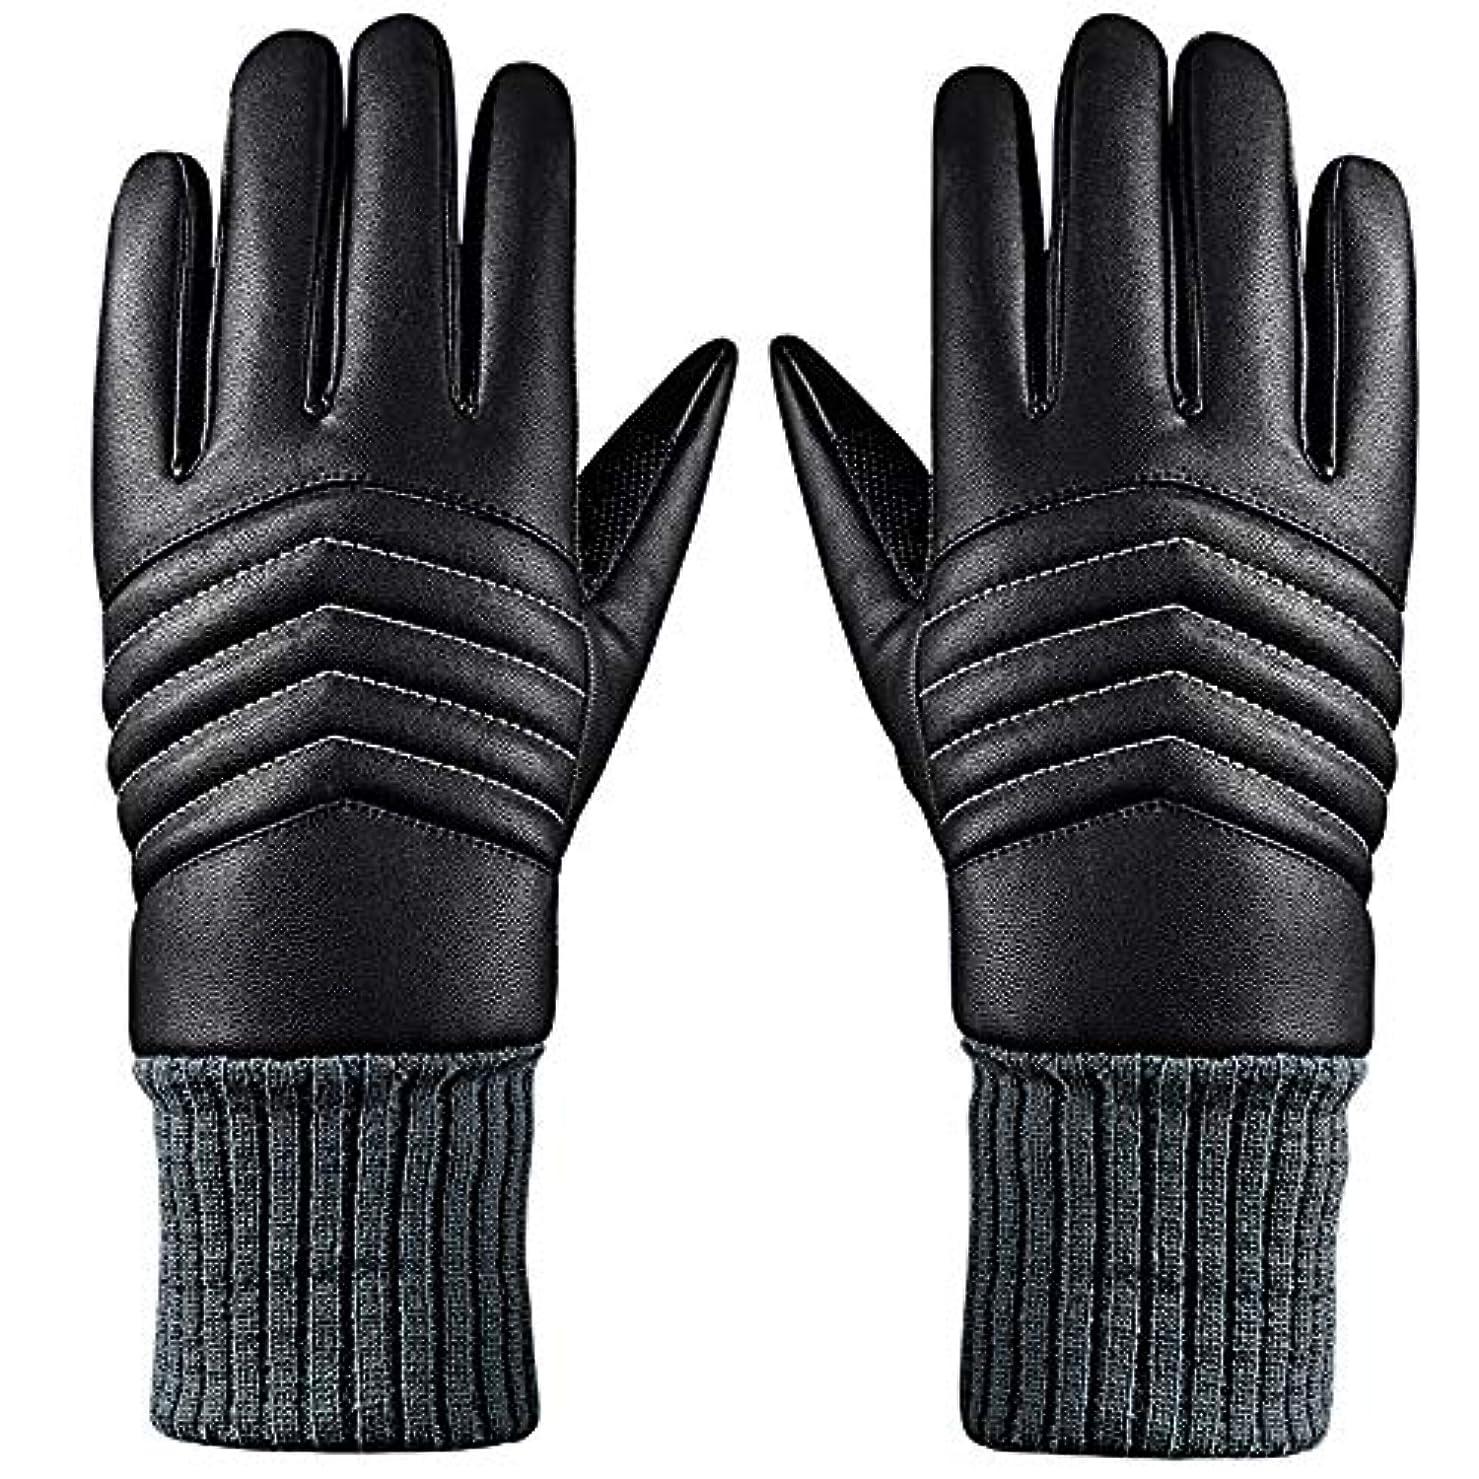 クックバクテリア良性レザーメンズウィンタープラスベルベットシックニング冷防水防水タッチスクリーンアウトドアバイクブラックラインとホワイトラインの手袋